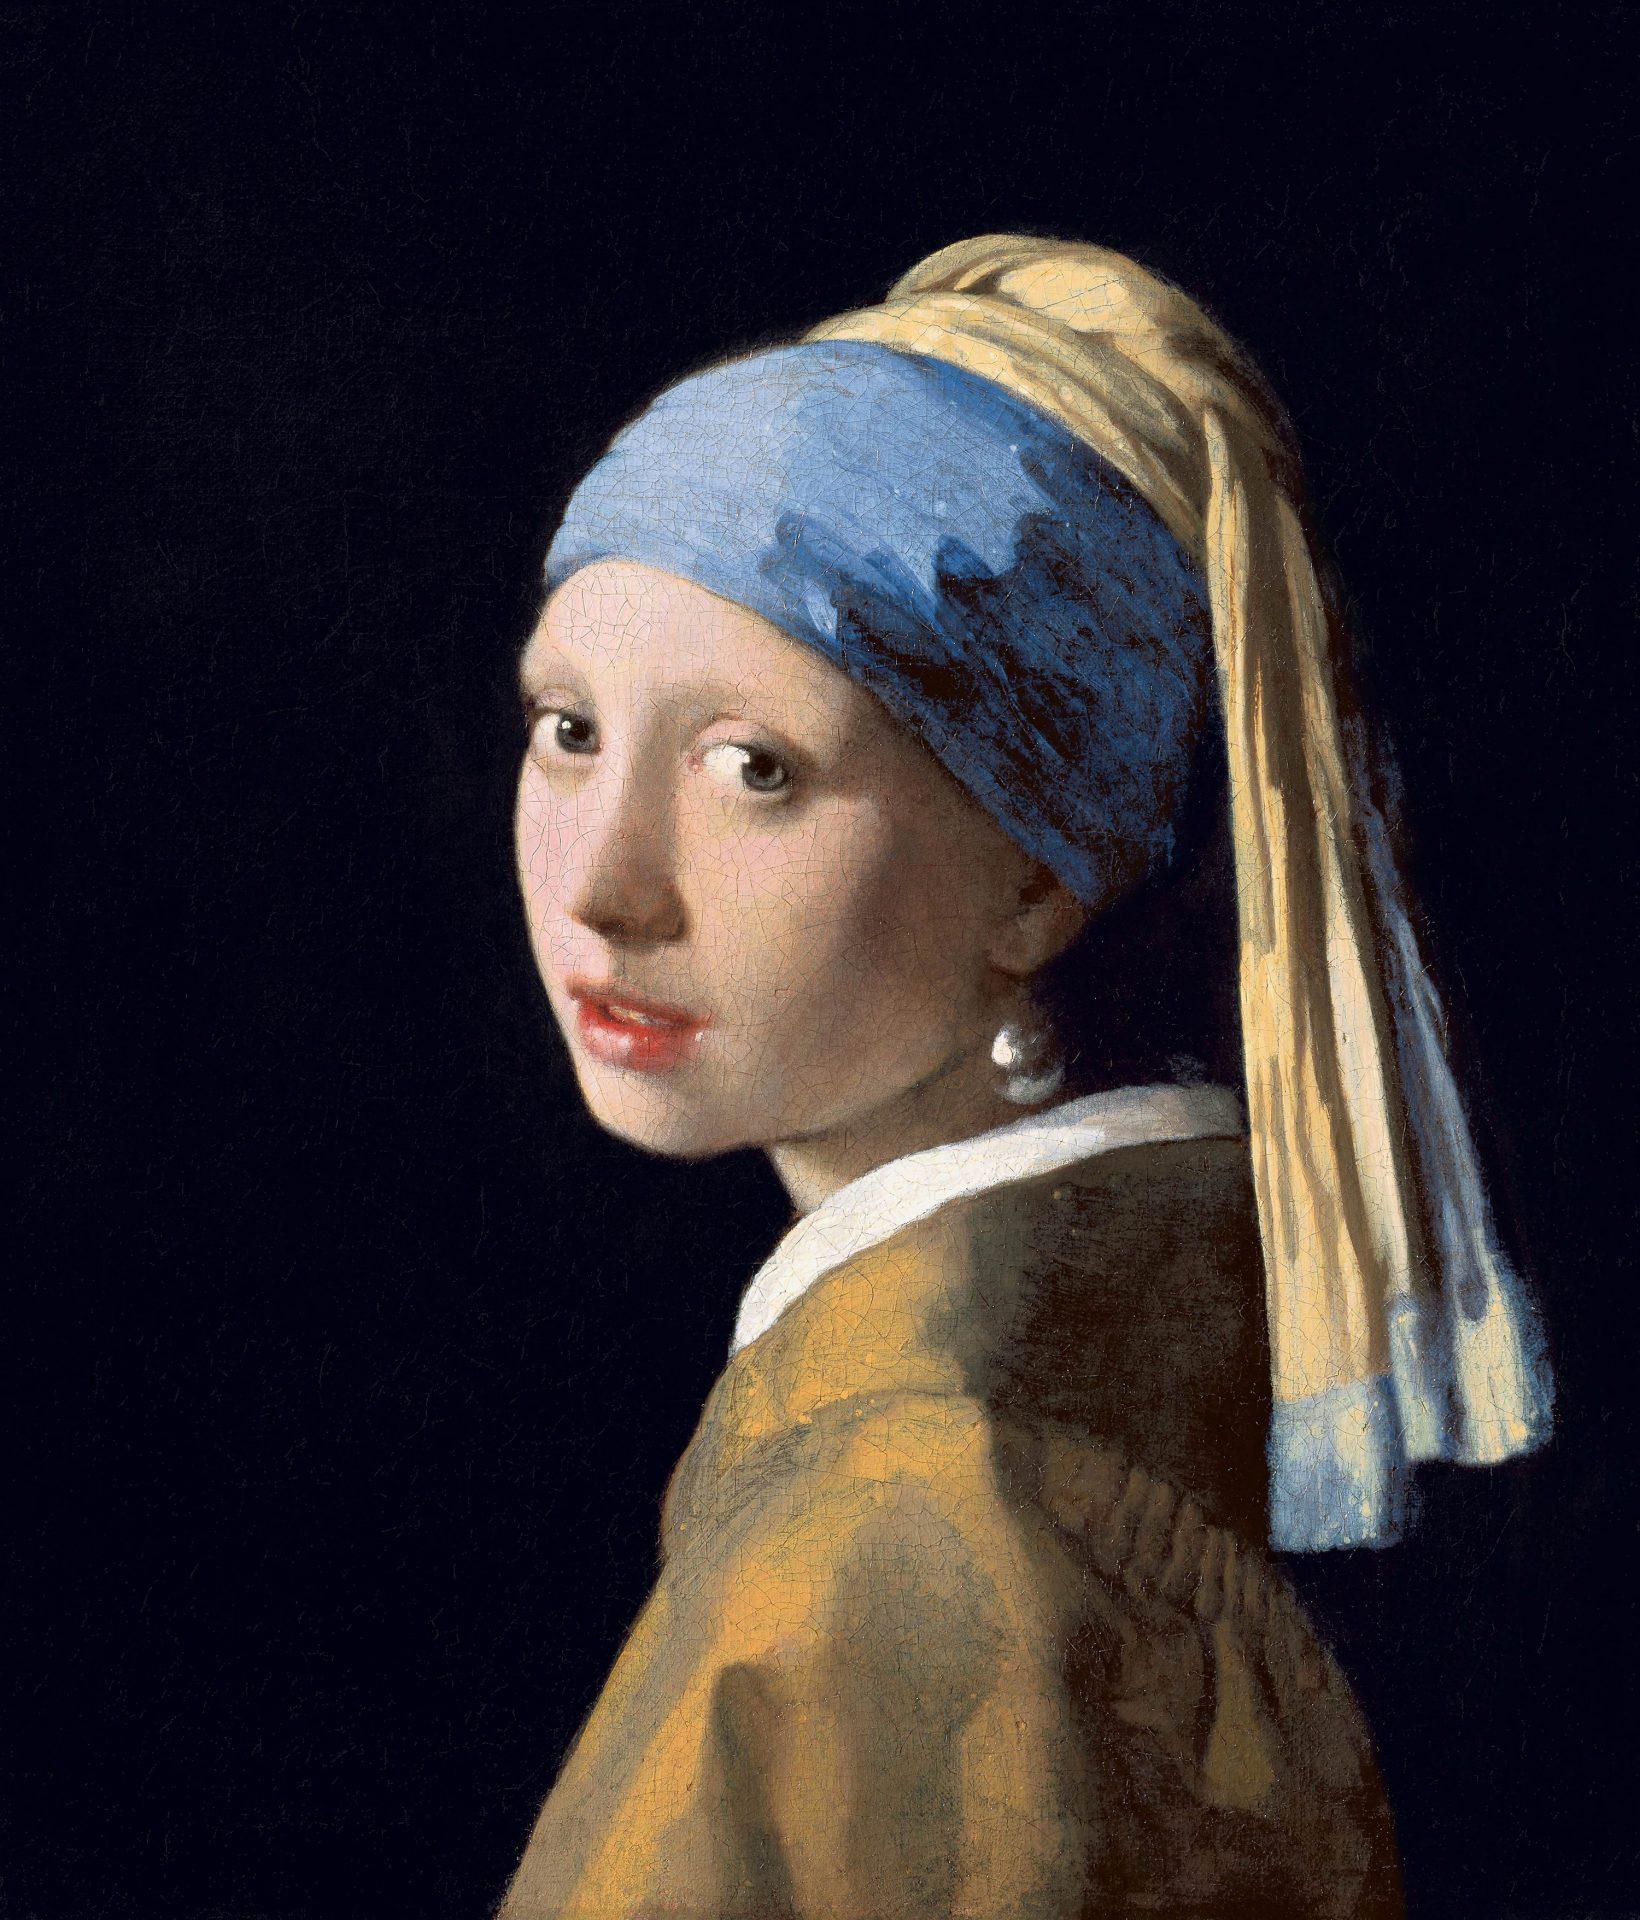 """Explorez """"La Jeune Fille à la perle"""" avec cette photo de 10 milliards de pixels ! (vidéo) Par Maxime Delmas La-jeune-fille-a-la-perle-10-milliards-pixels-1640x1920"""